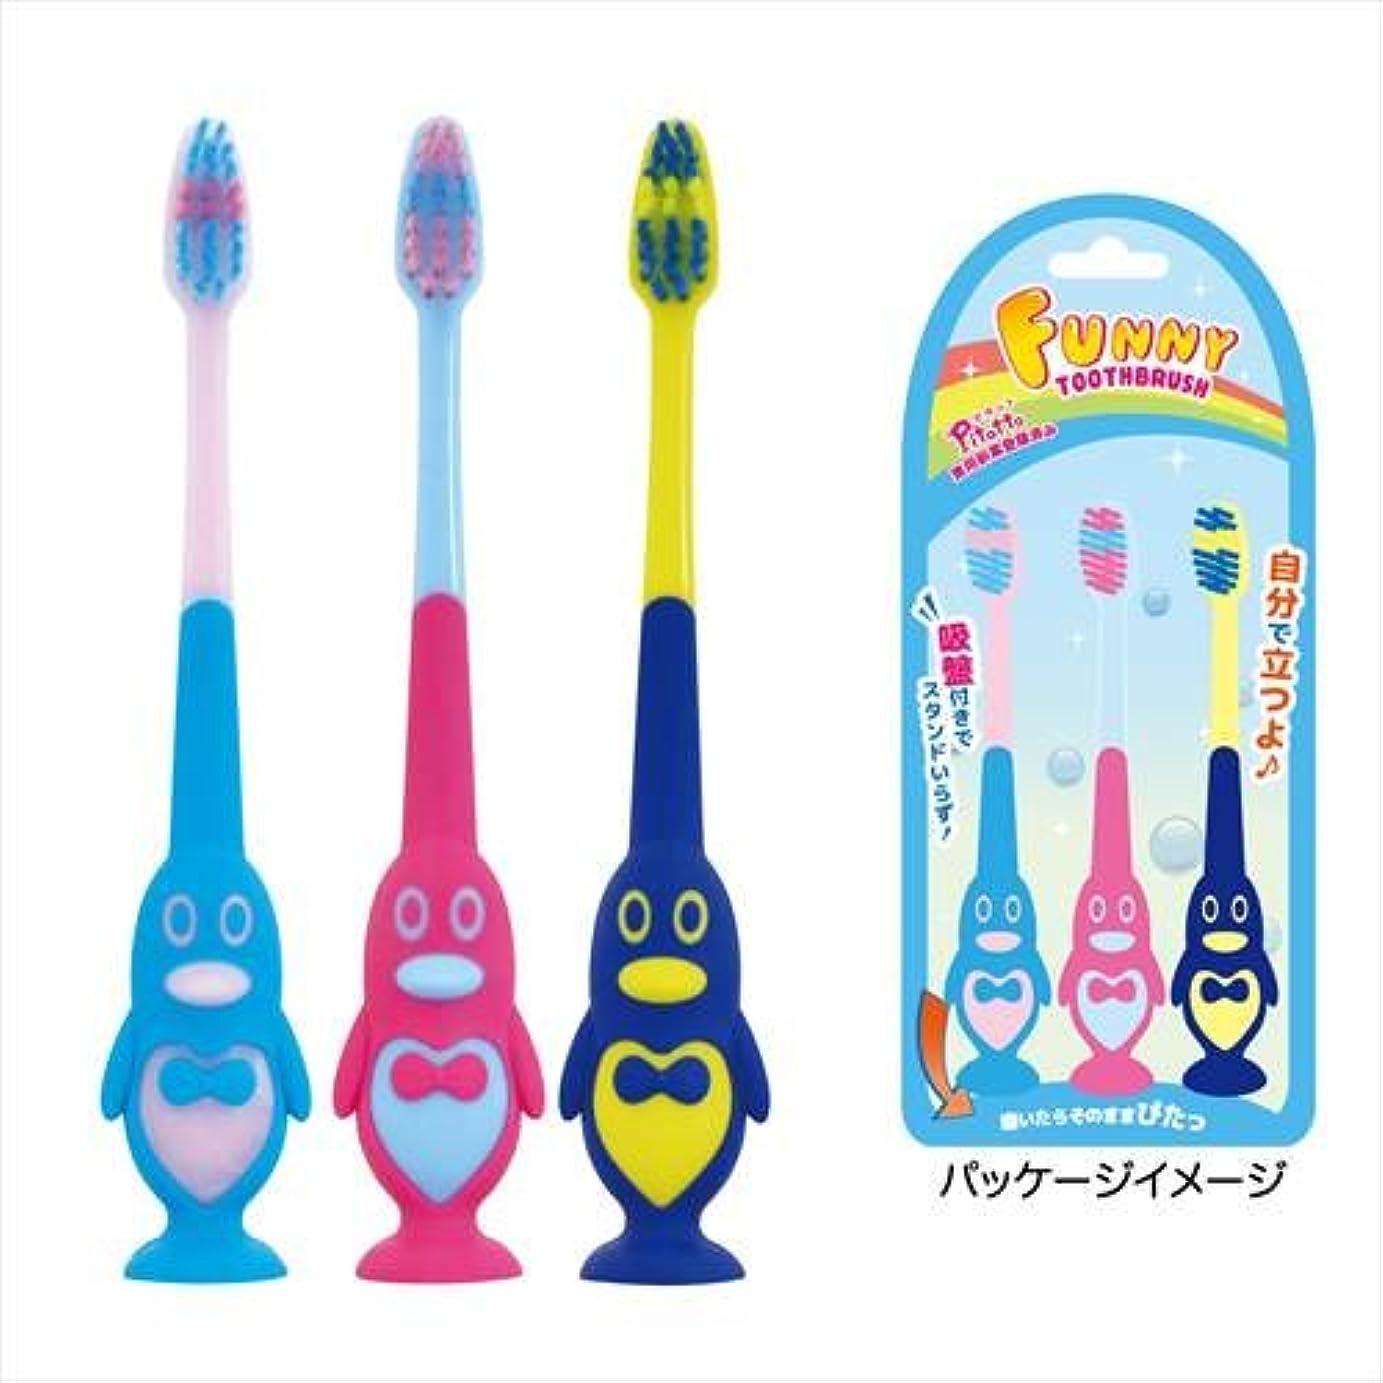 雇った心理学苗[歯ブラシ] 吸盤付き歯ブラシ 3本セット/ペンギン ユーカンパニー かわいい 洗面用具 グッズ 通販